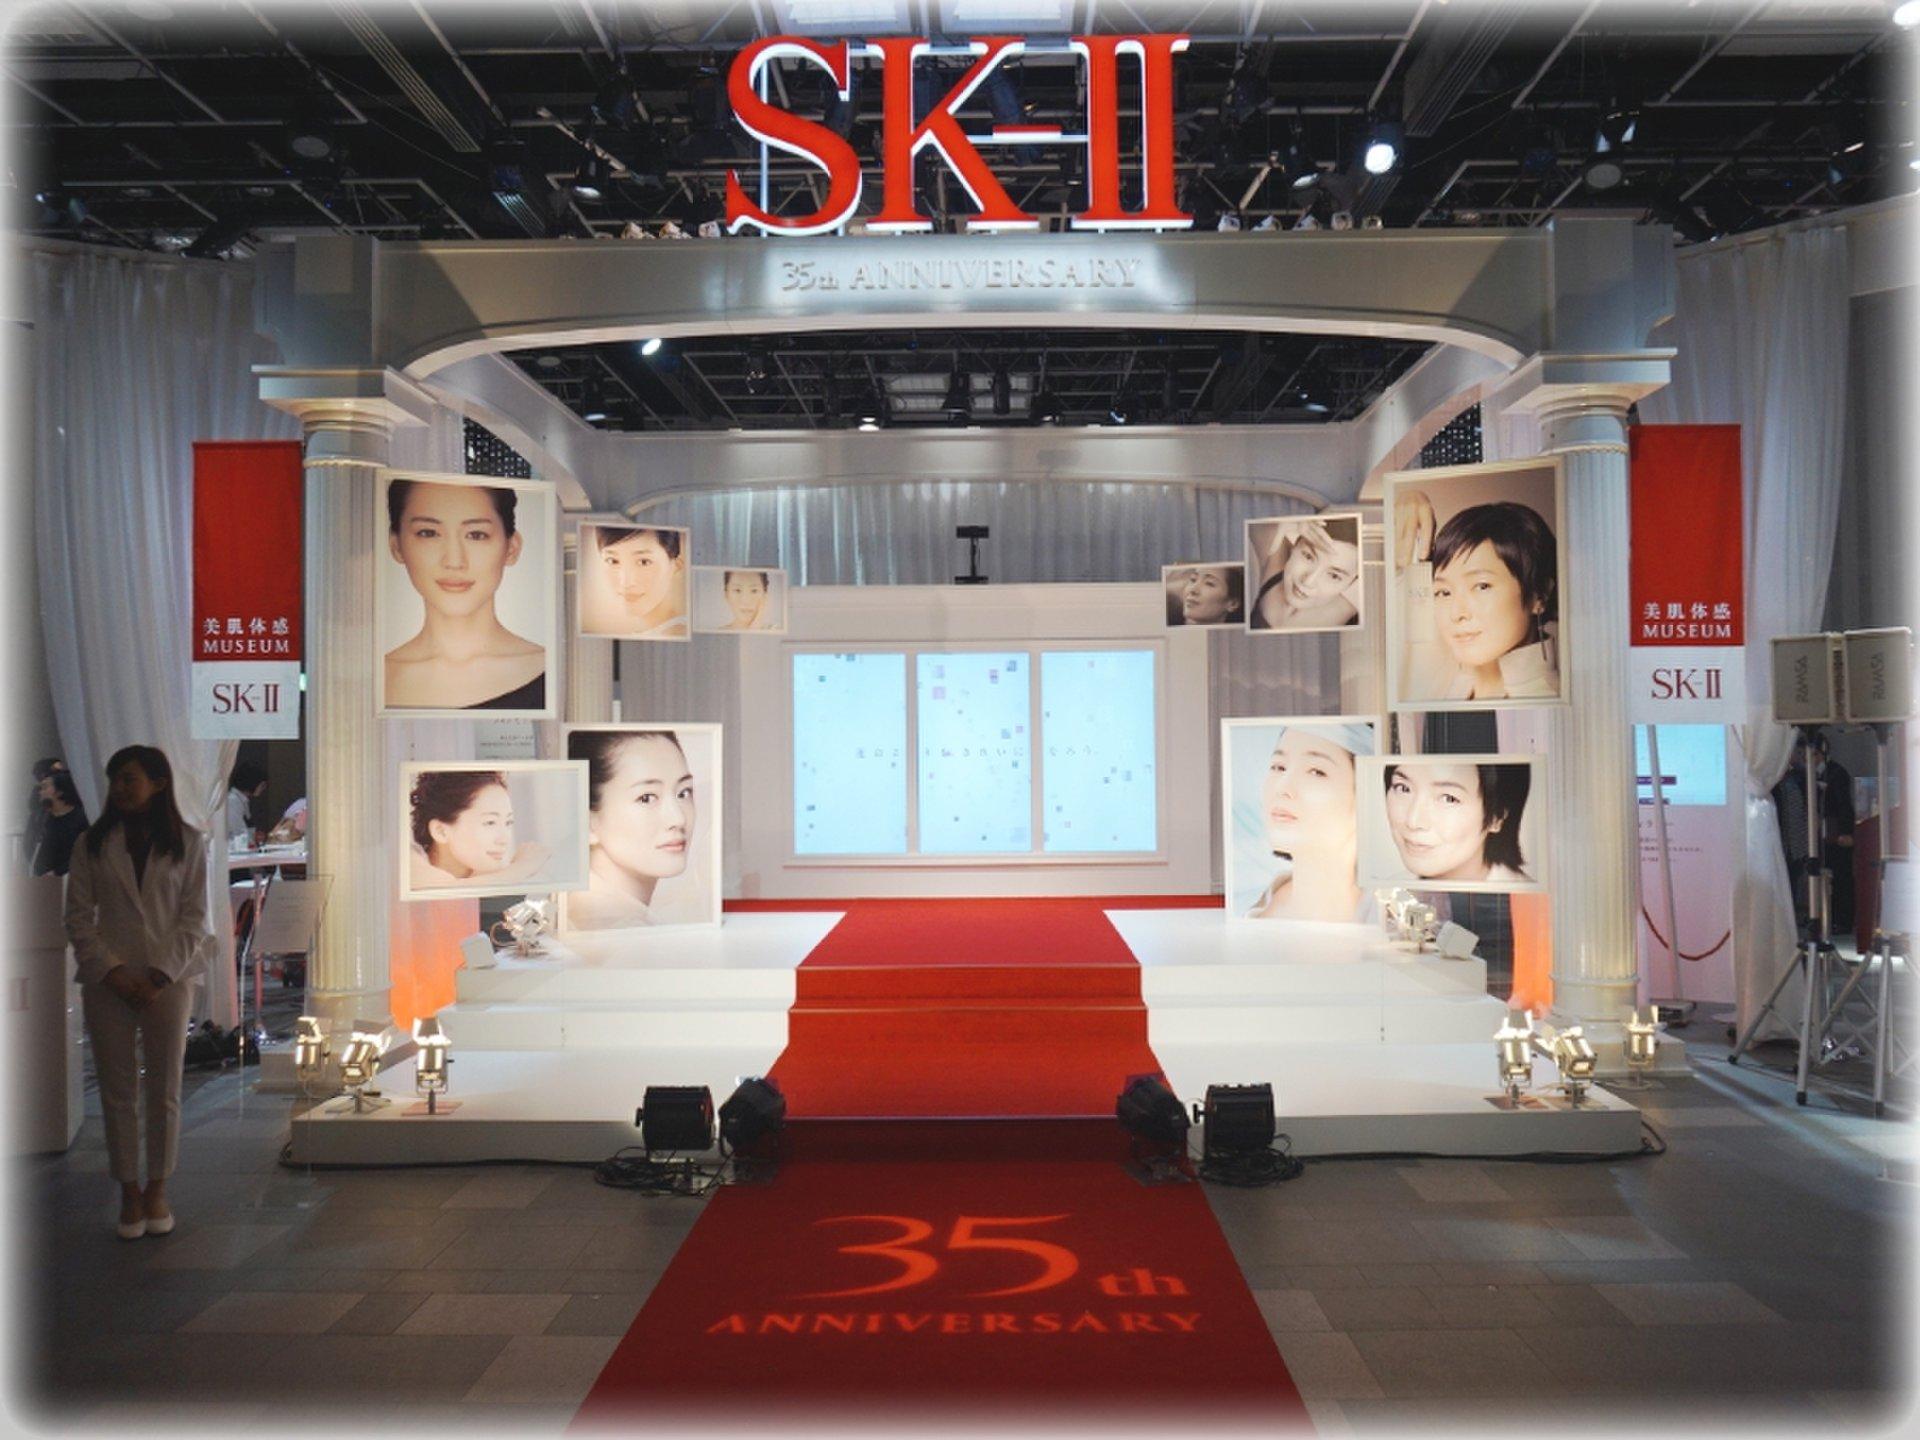 1月16日~3日間限定! SK-Ⅱ35周年記念「美肌体感ミュージアム」で運命よりもきれいな肌へ!